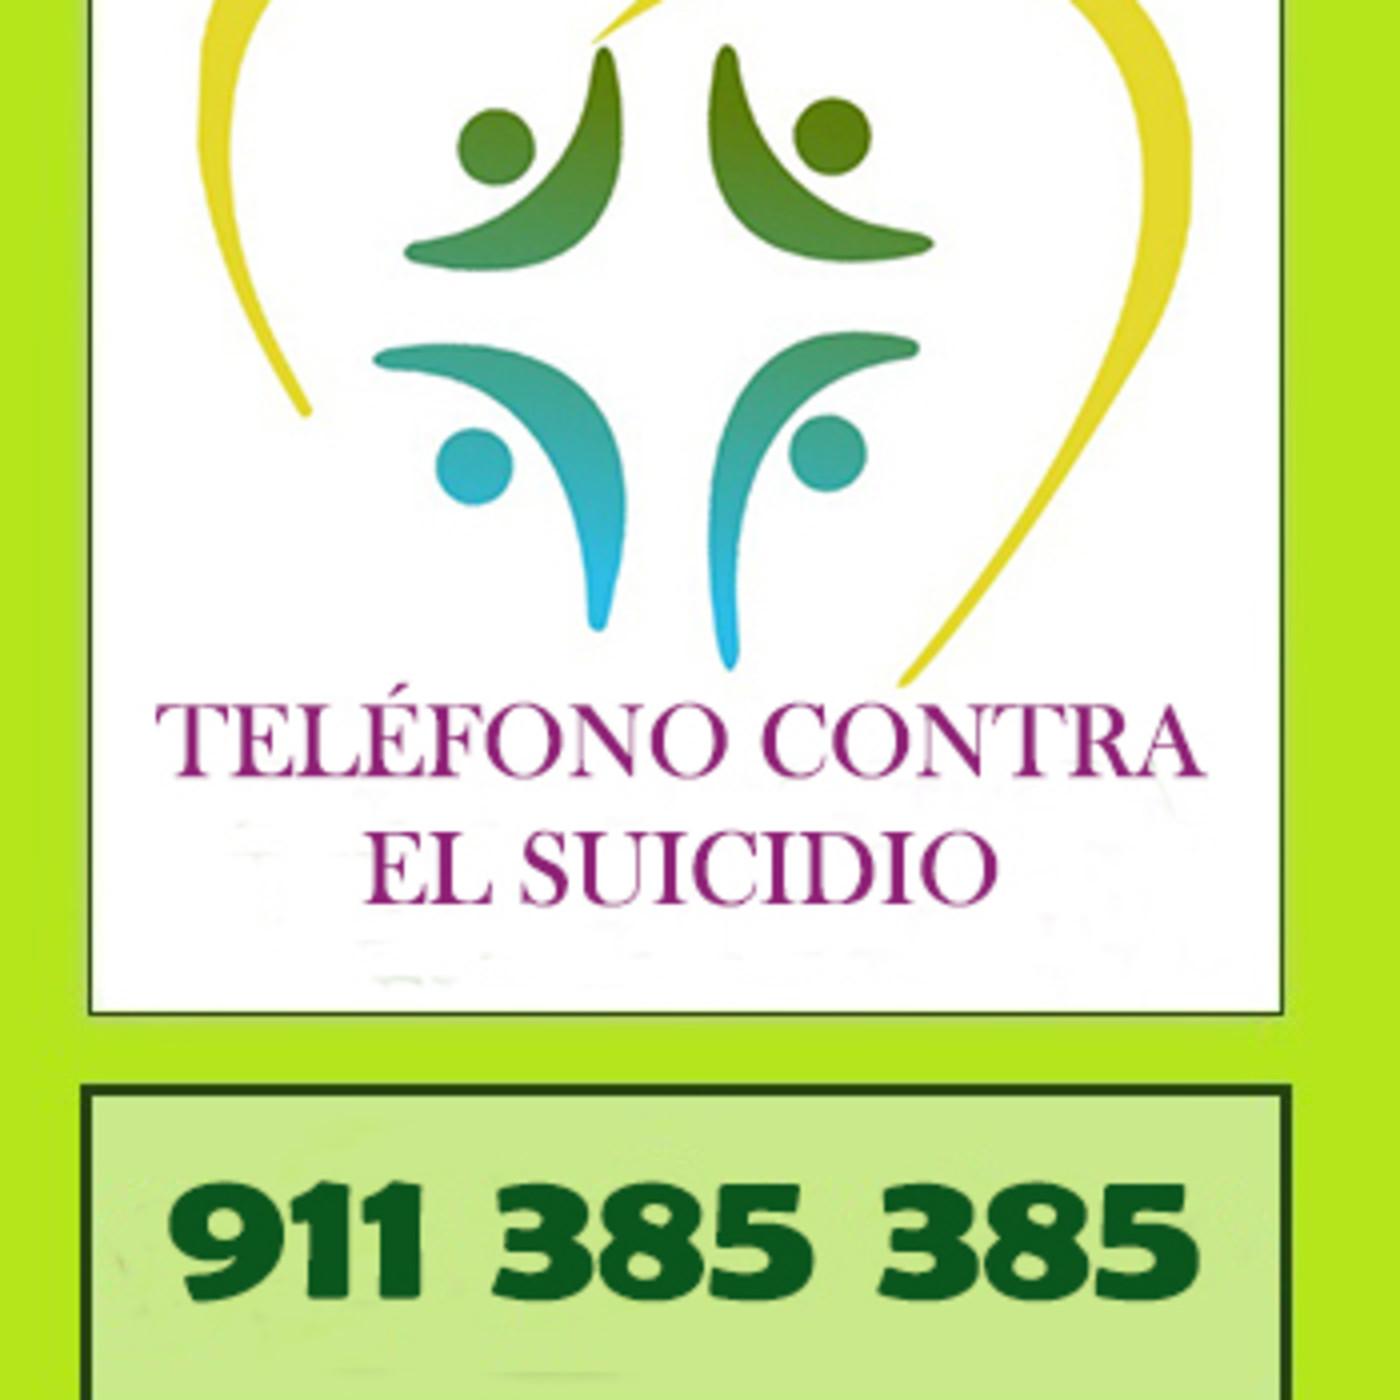 Teléfono contra el suicidio- Gracias, gente solidaria